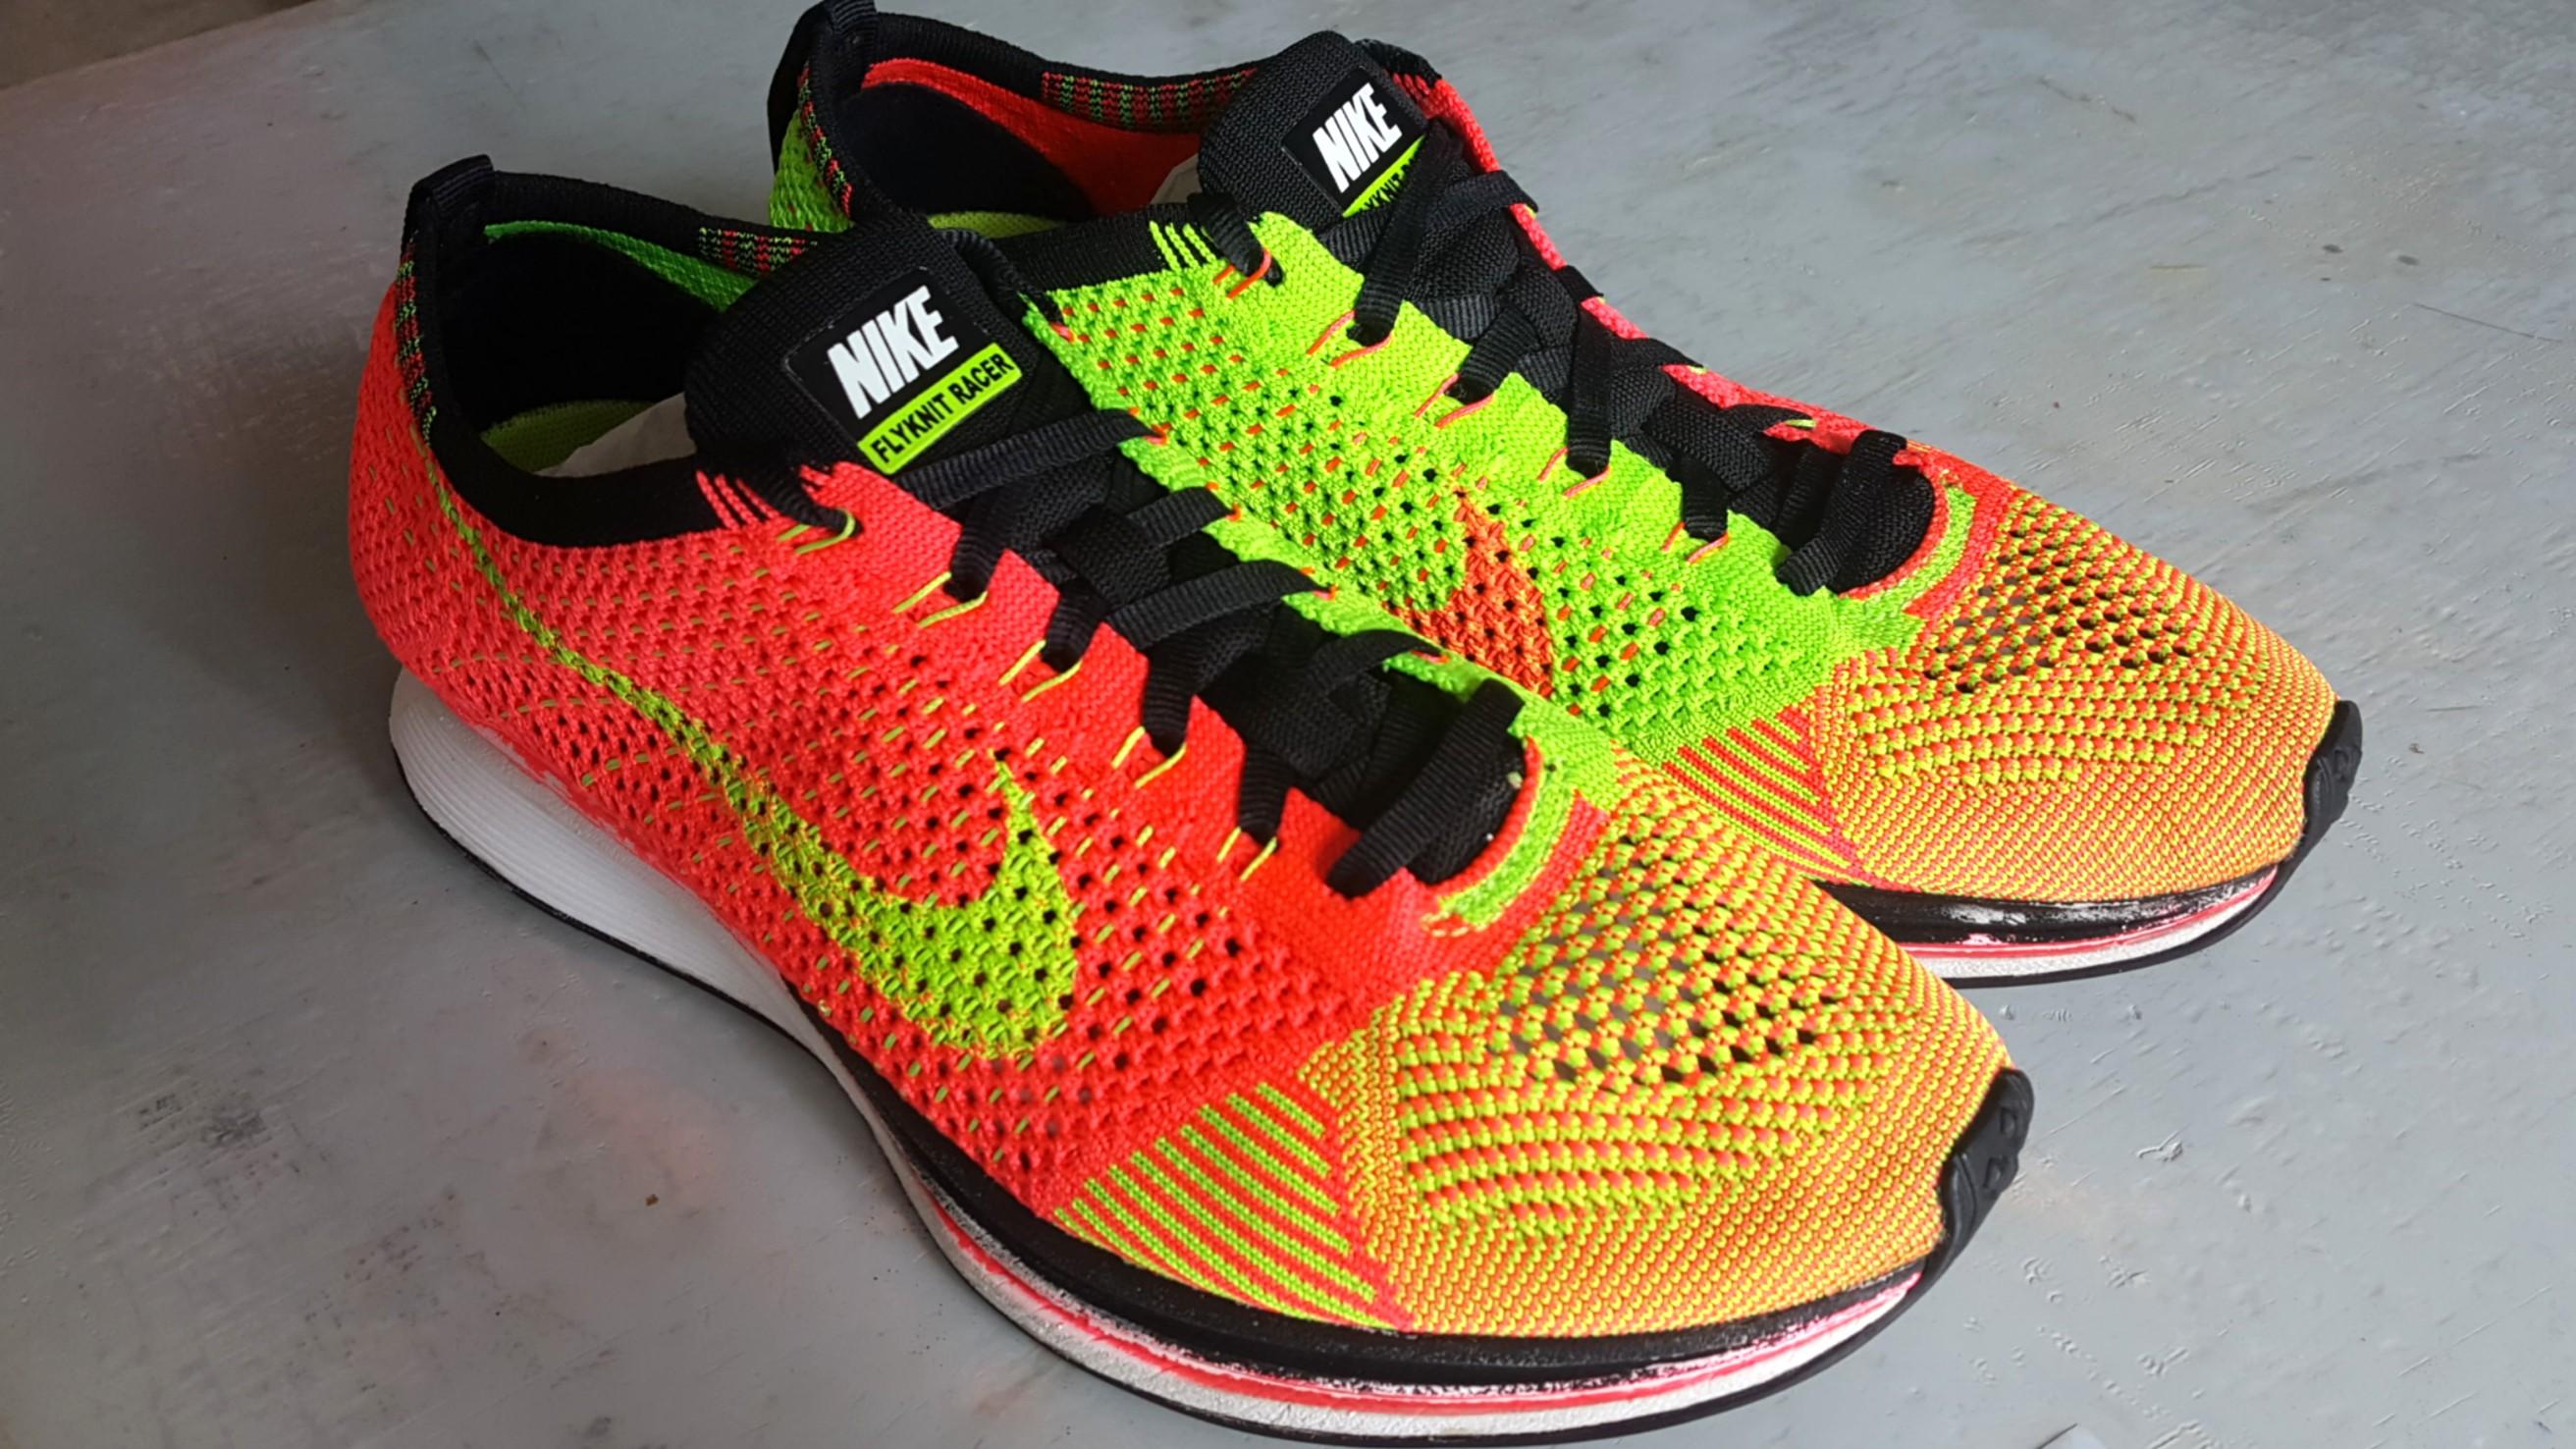 huge discount 576e6 07cec Nike Flyknit Racer Hyperpunch, Men s Fashion, Footwear, Sneakers on ...